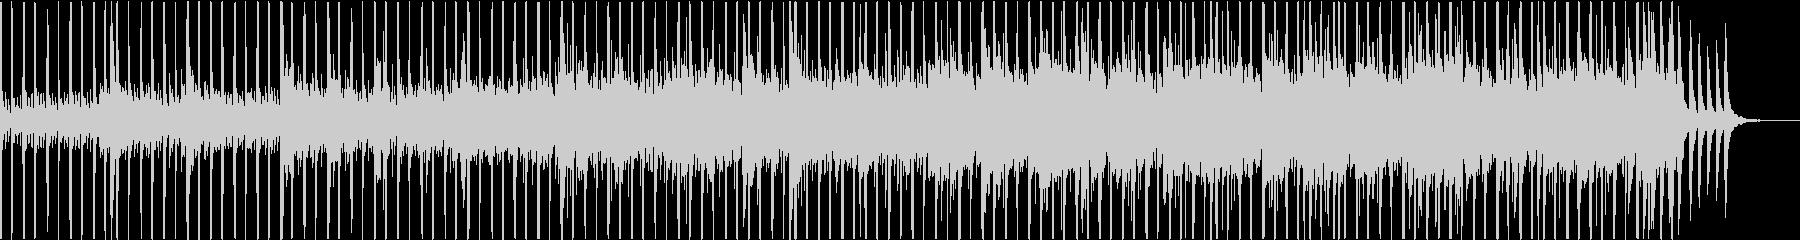 北欧の冬の透明感をピアノウクレレでの未再生の波形